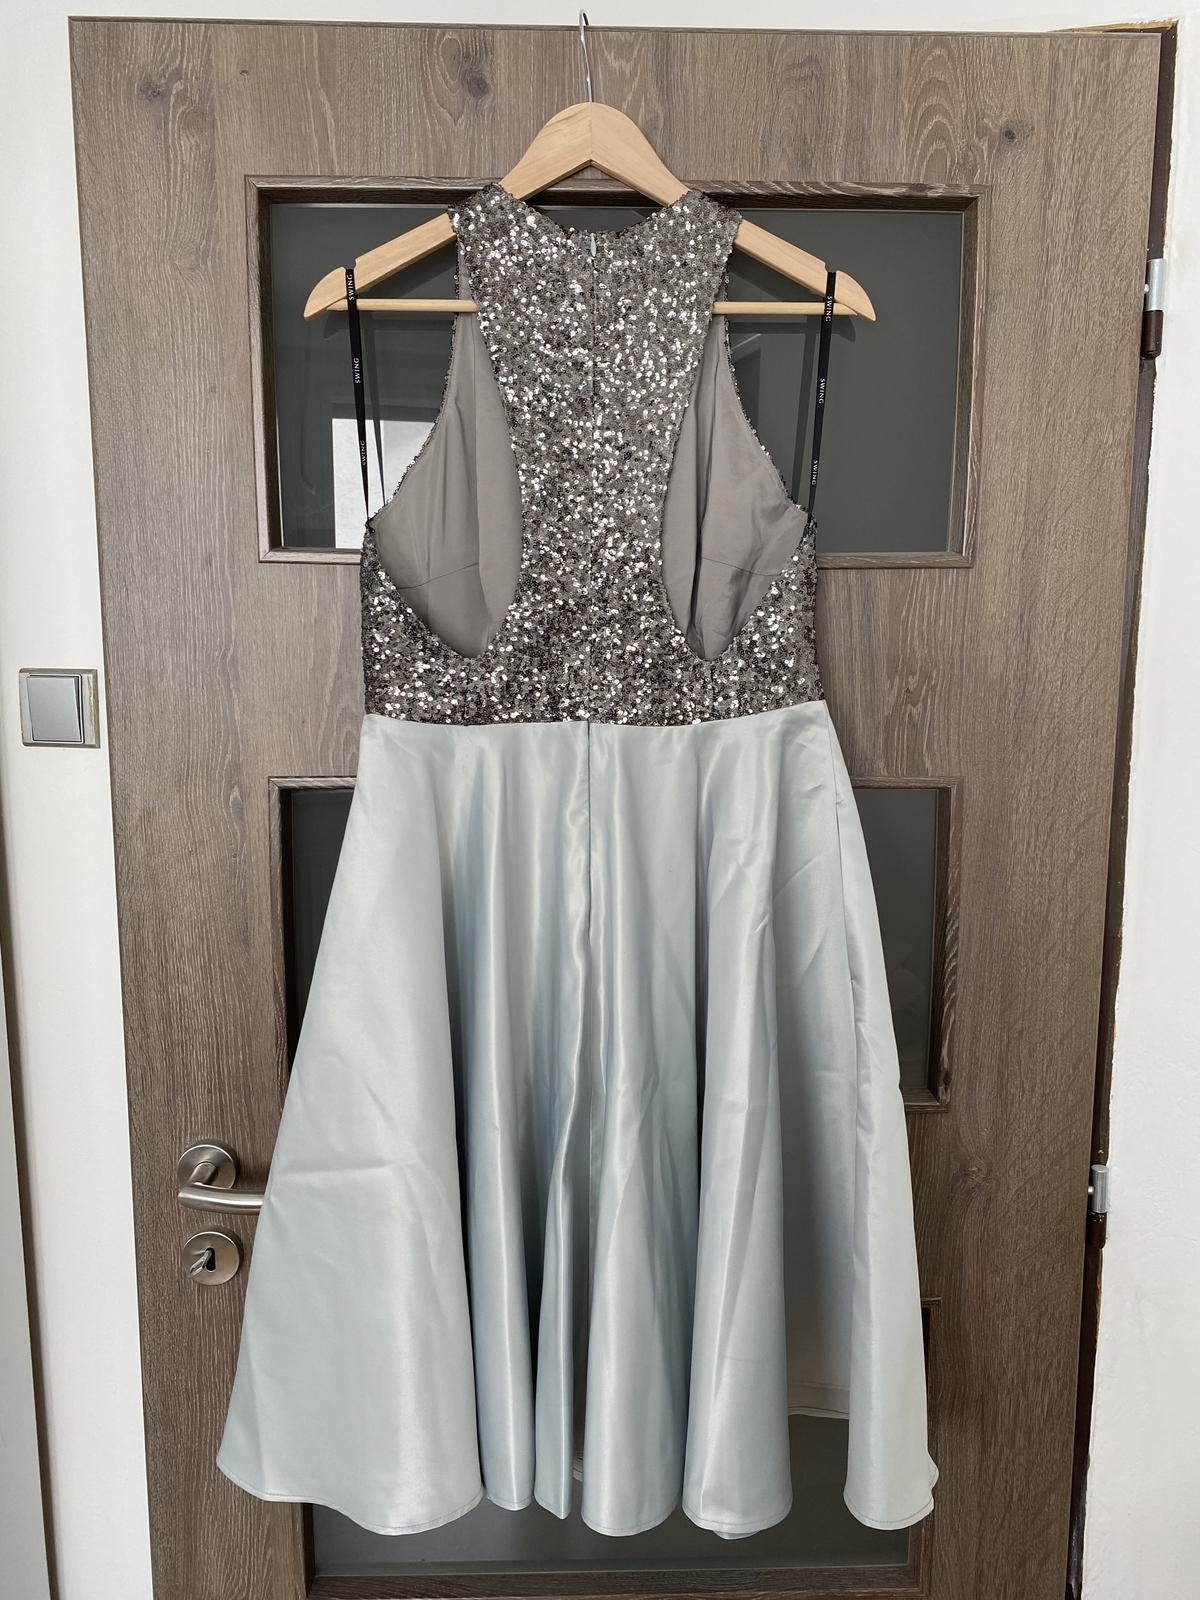 NOVÉ popolnočné šaty s flitrami (veľ. 40) - Obrázok č. 2